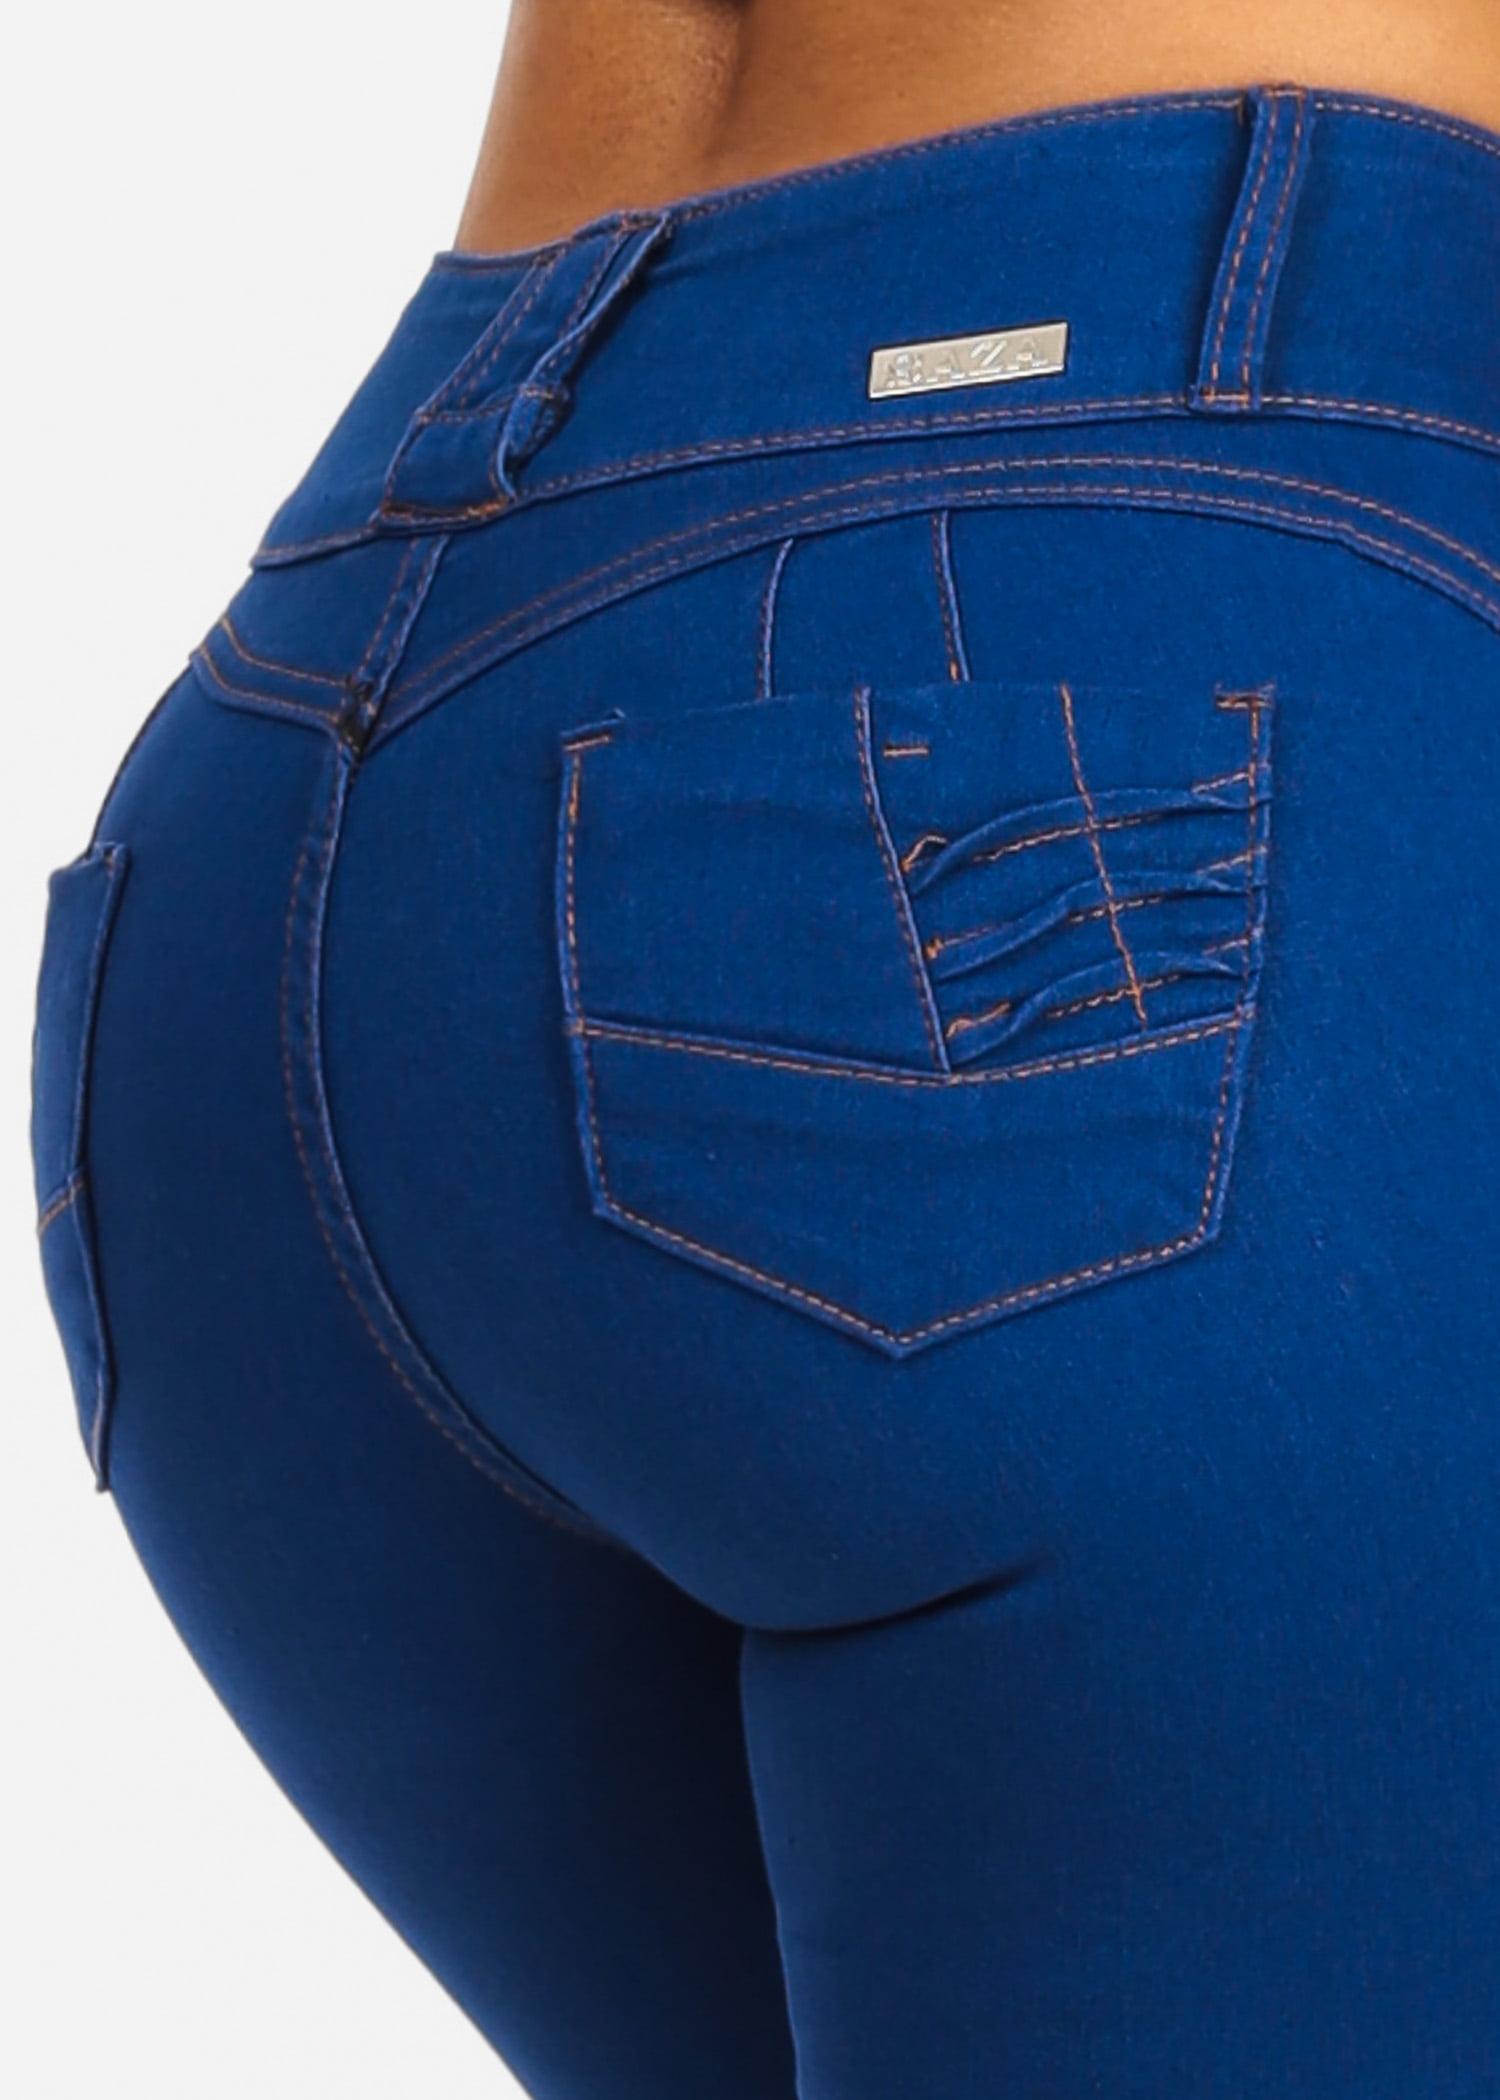 Womens Juniors Light Denim 3 Button Closure Butt Lifting Push Up Levanta Cola W Back Pocket Design Stretchy Skinny Jeans 10415V